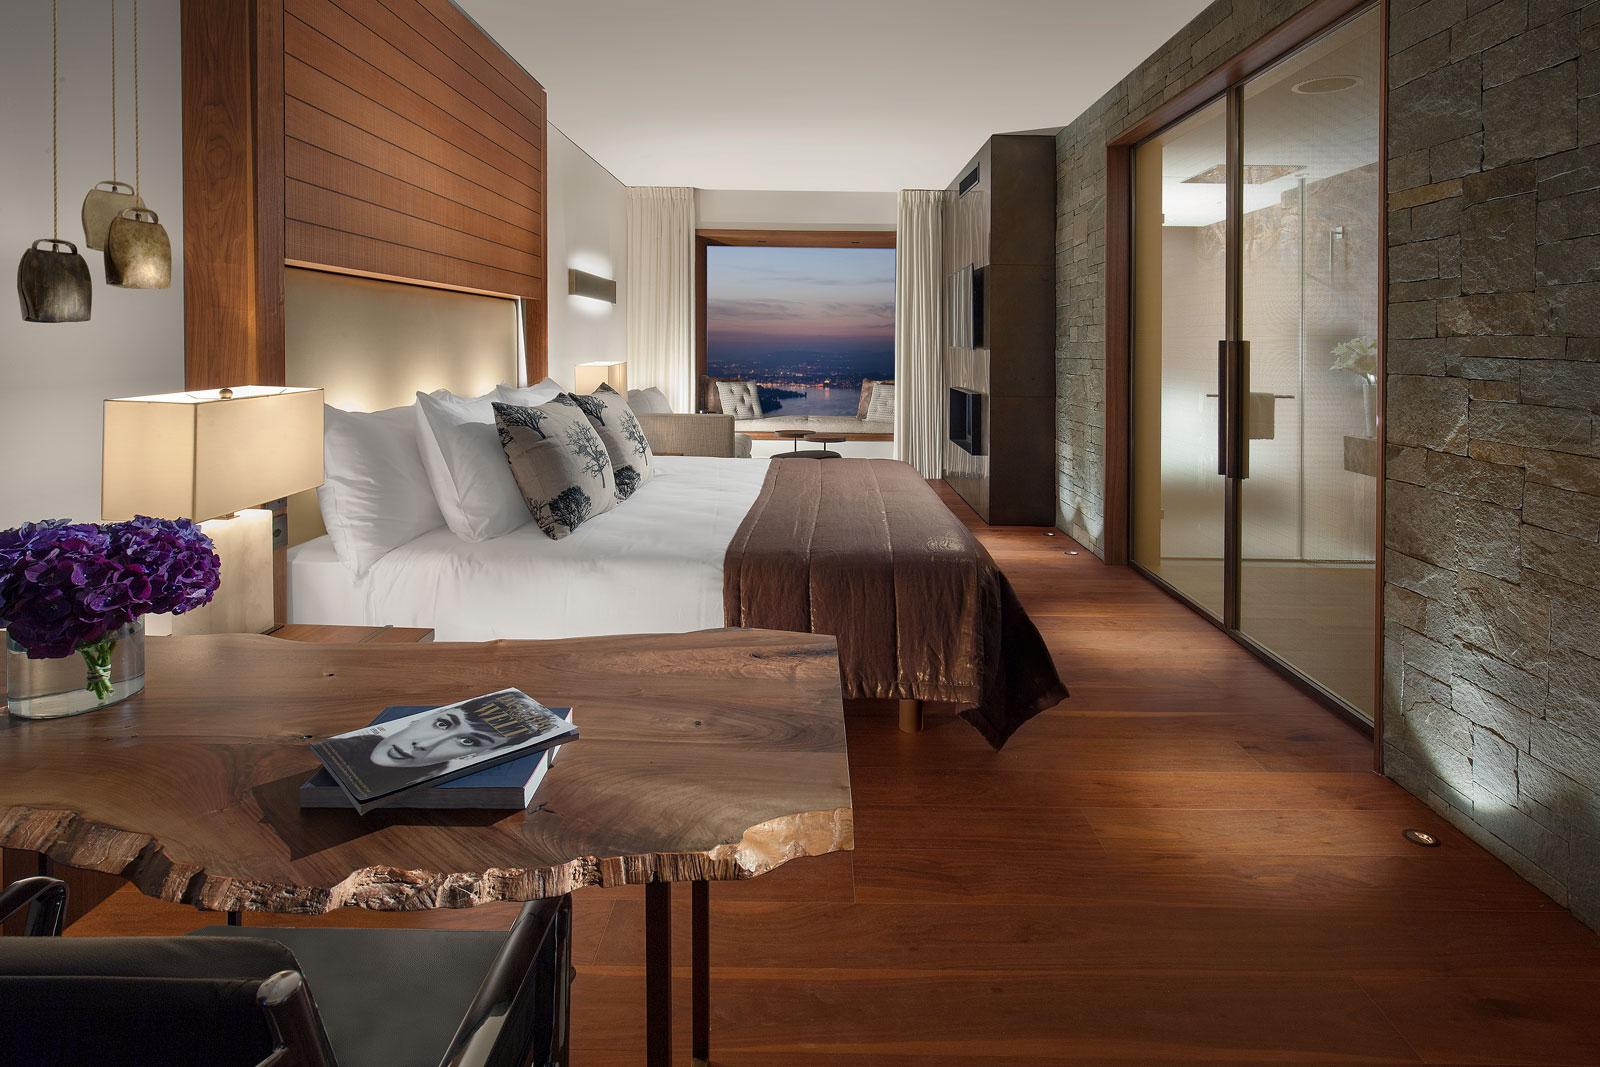 Bürgenstock Hotels & Resort - A Discreet Luxury Mountain Hideaway 10